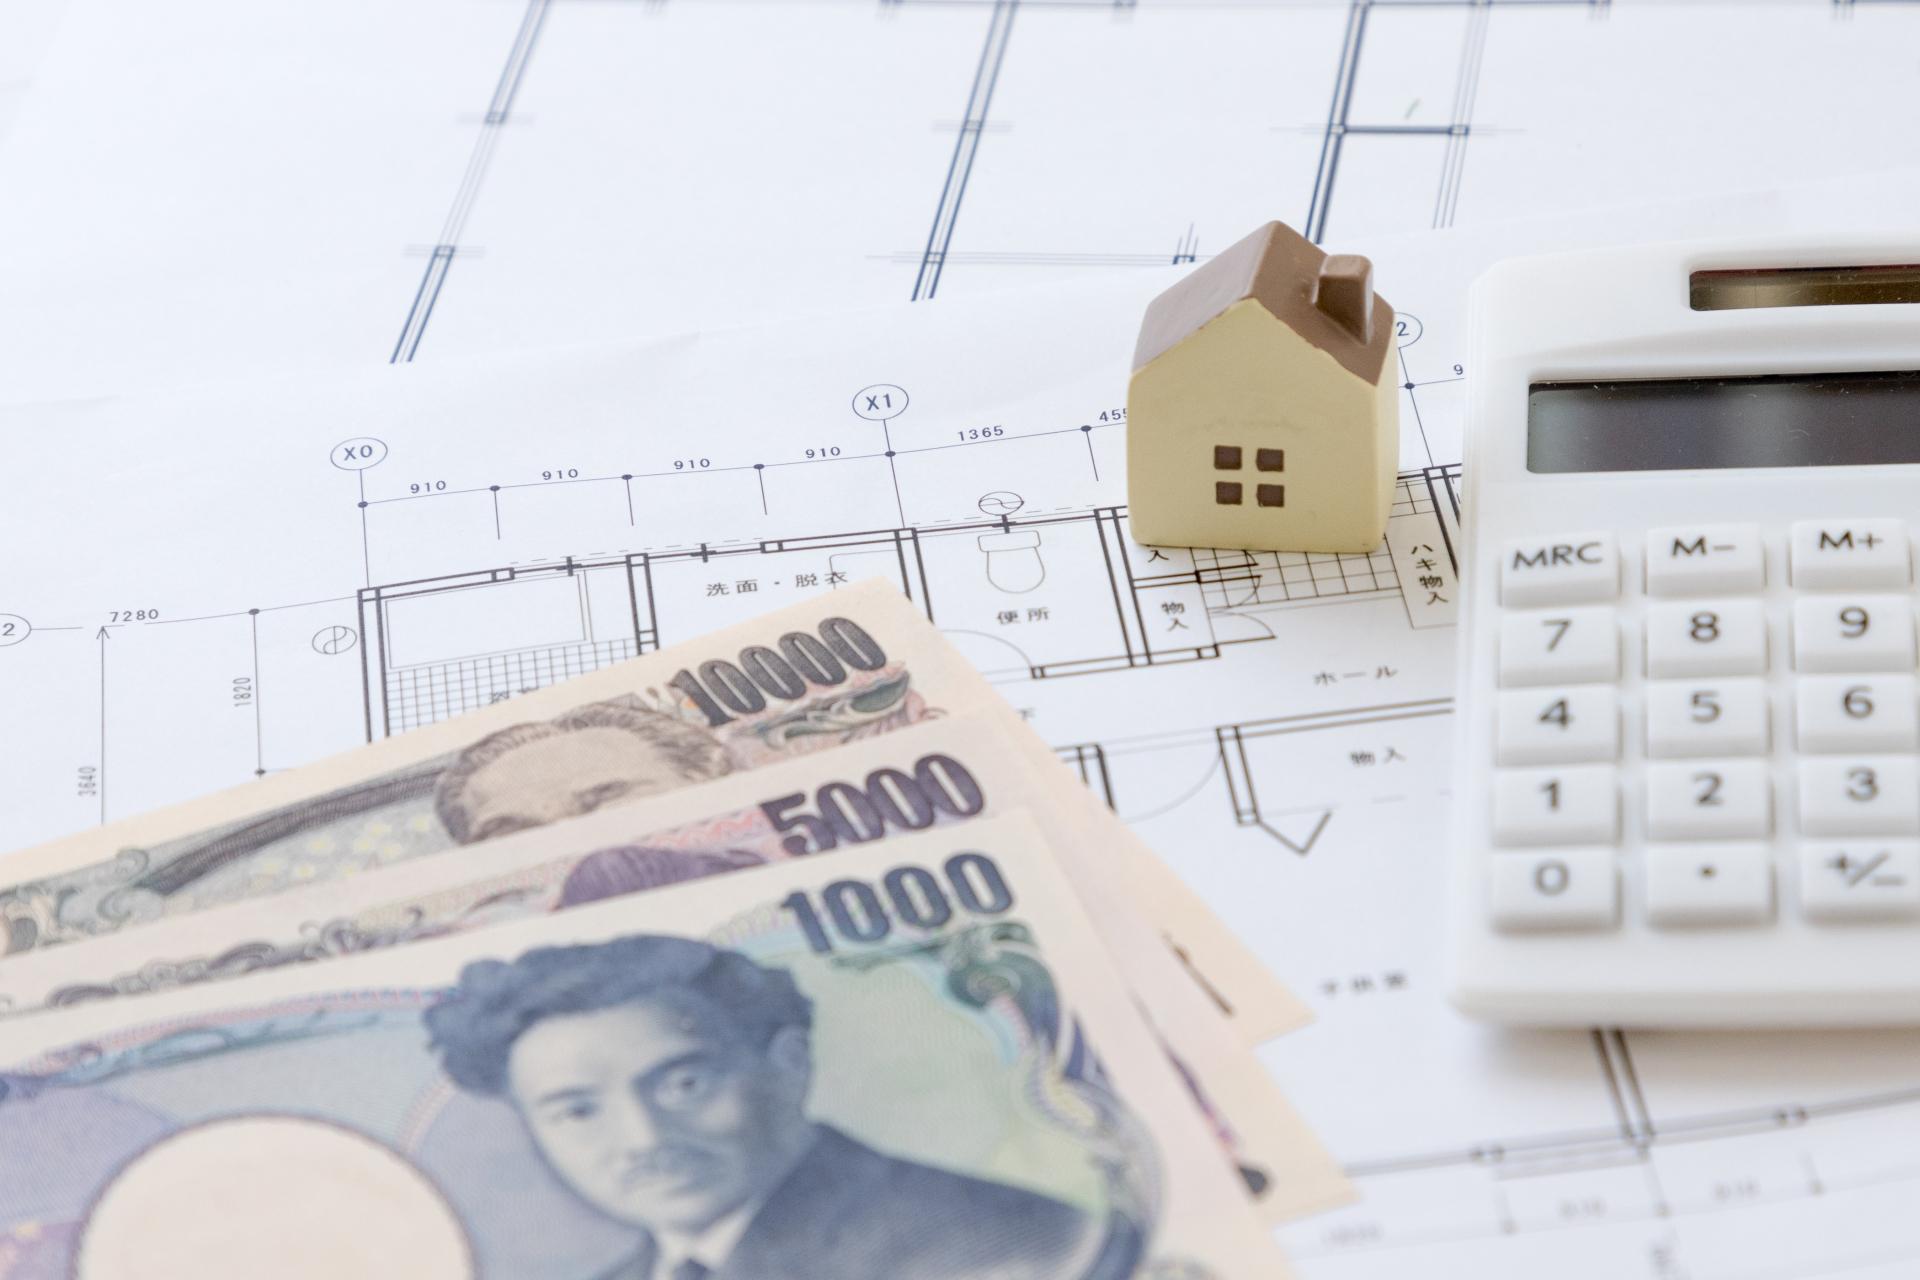 注文住宅は「資金計画」がとにかく最優先! 上手な資金計画の立て方と知っておきたいポイント